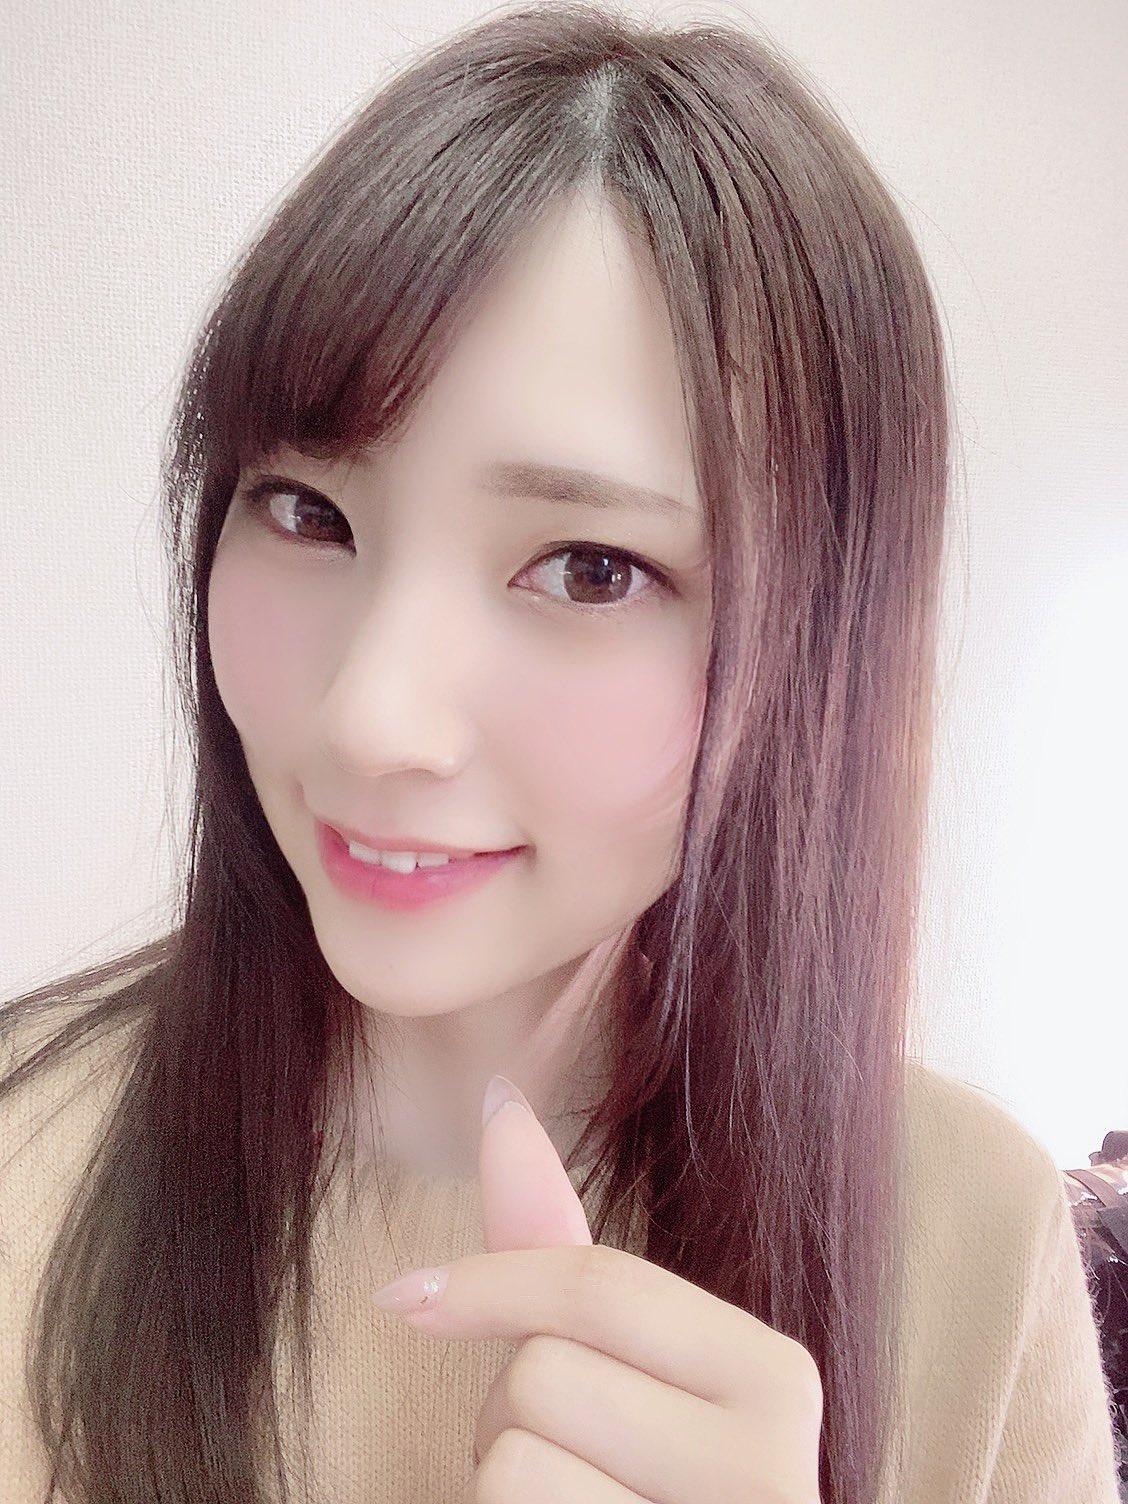 【竹内夏希エロ画像】人妻役が板についた長身クール美女・竹内夏希!